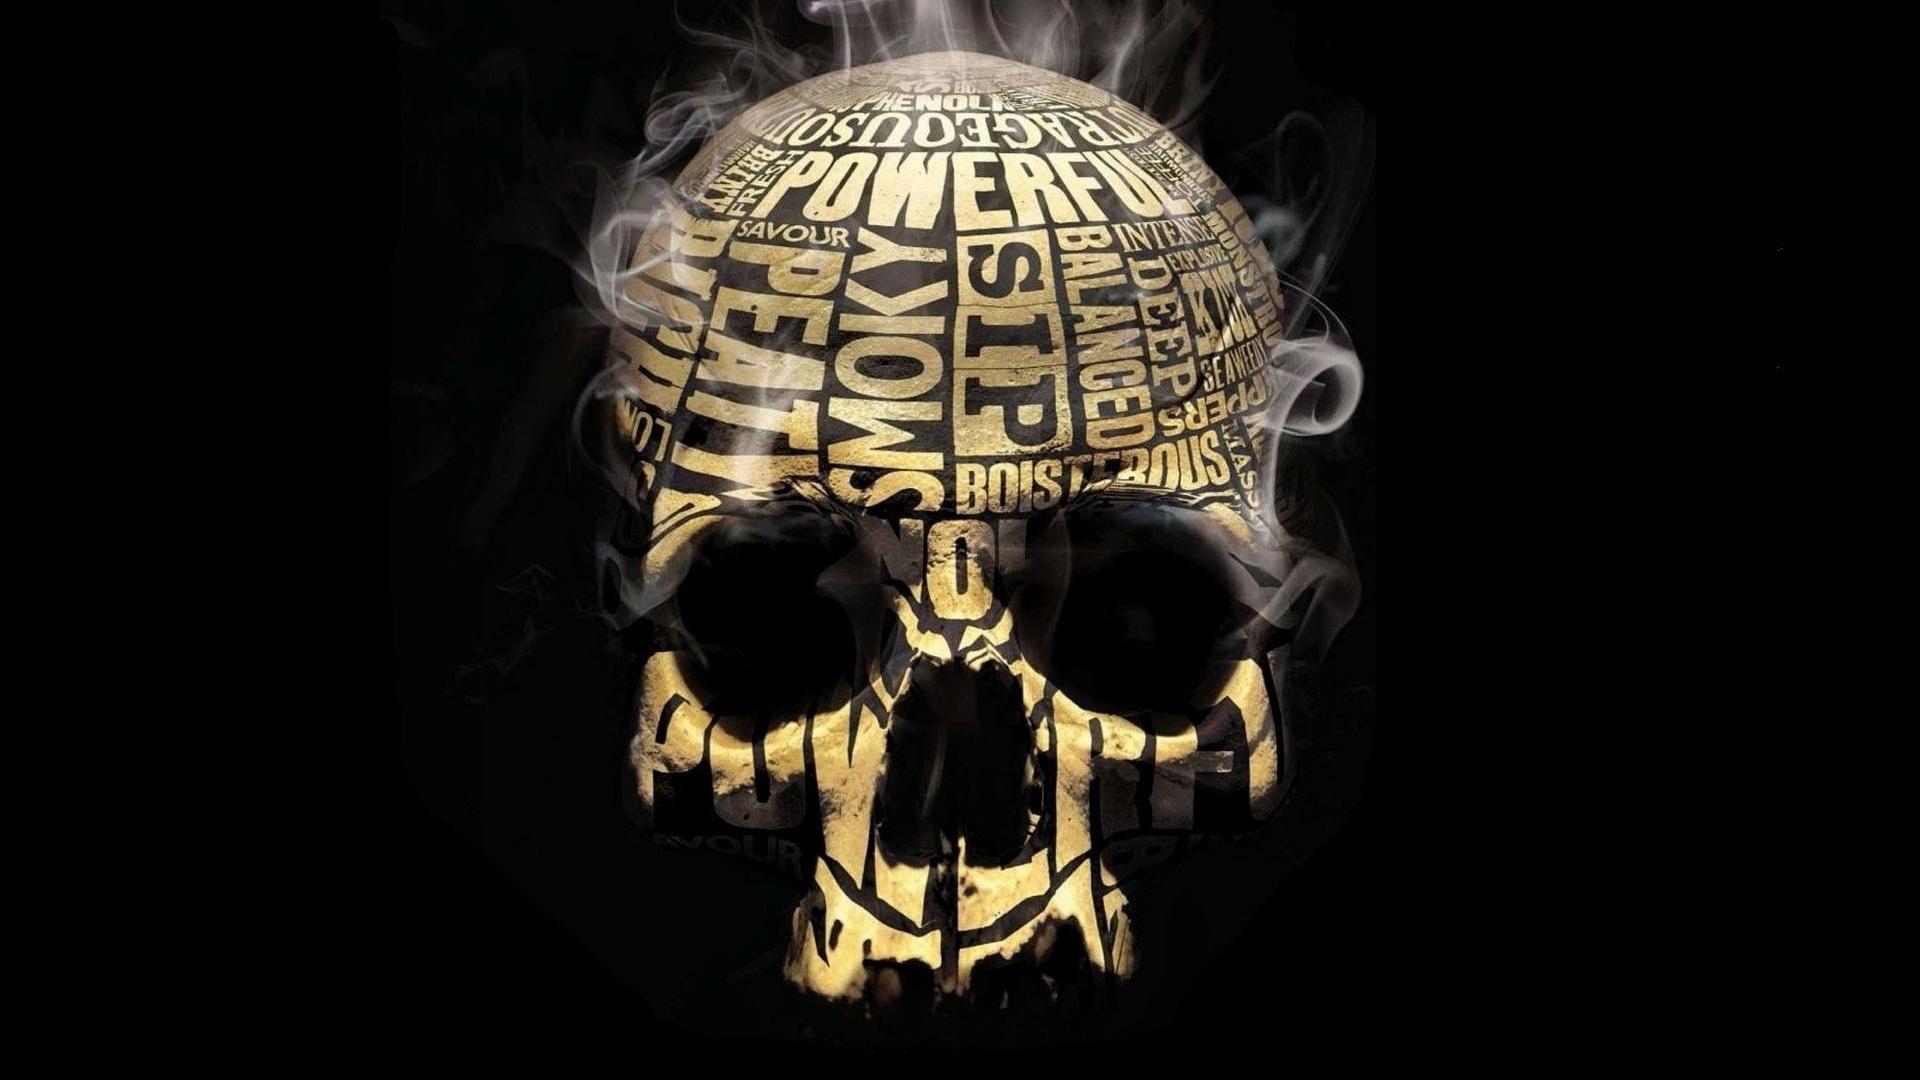 http://2.bp.blogspot.com/-Qmm0jnHBHv8/UIUJKj9t78I/AAAAAAAAMqo/60Yv_gtciAs/s0/skull-smoker-1920x1080.jpg